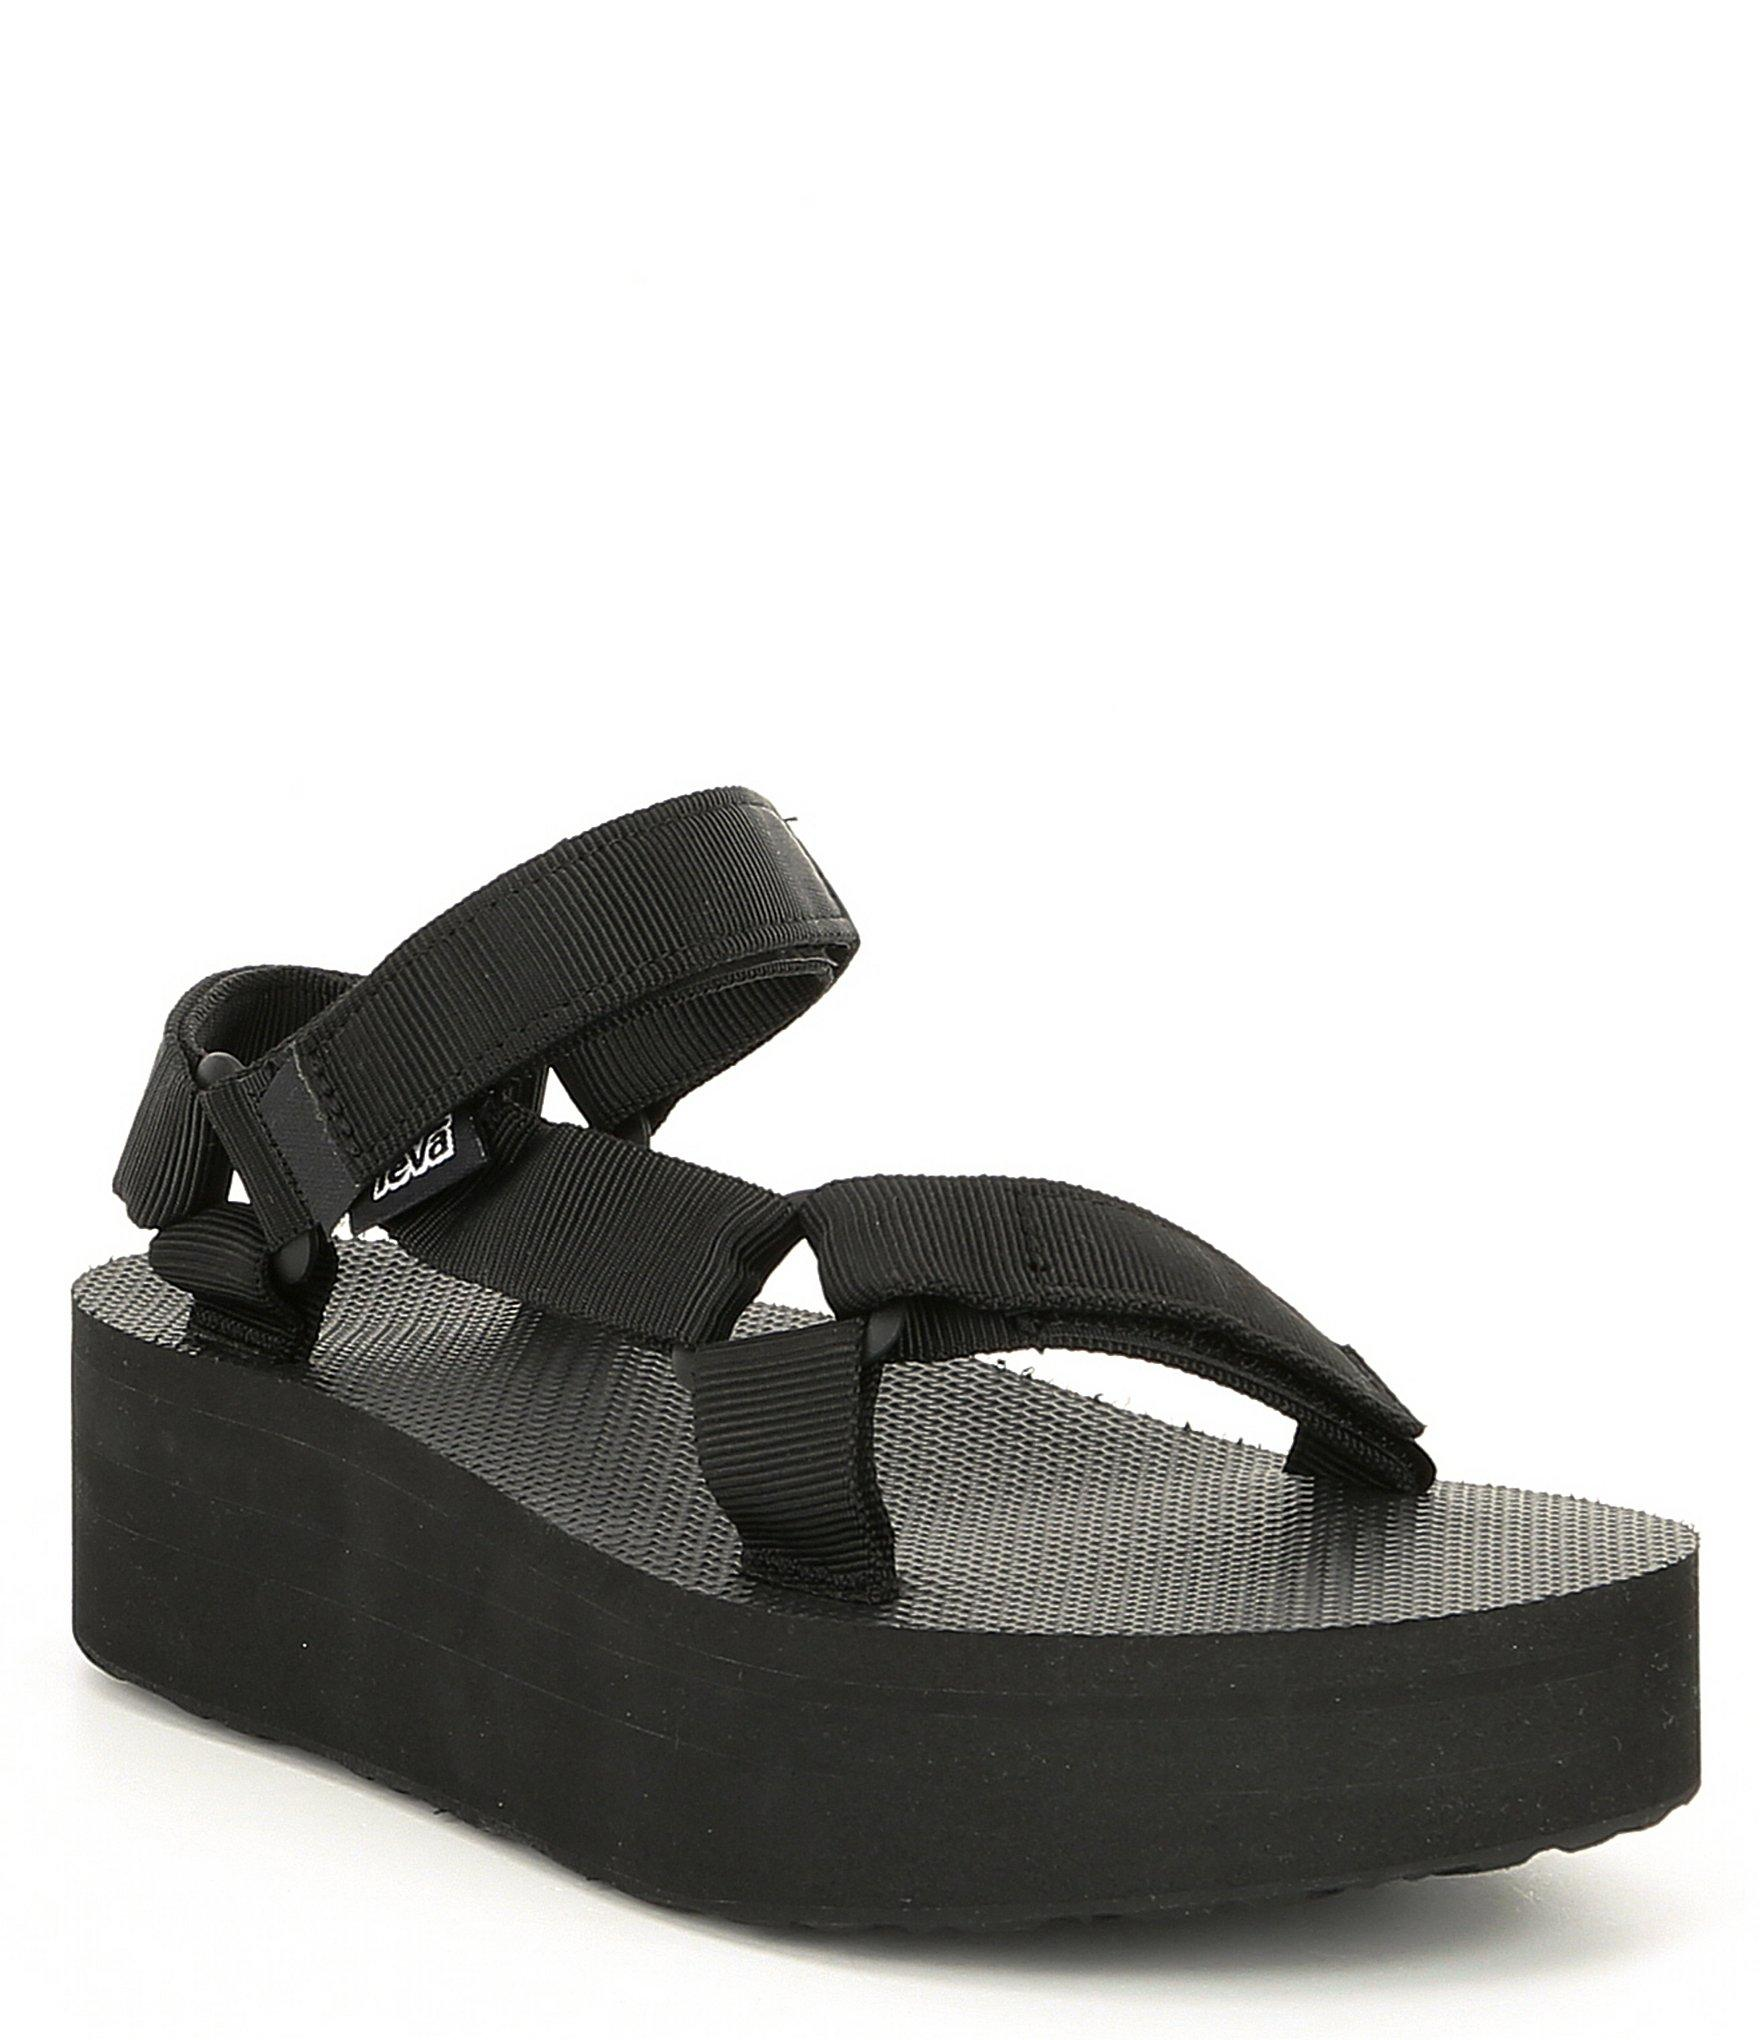 7434334b9ddc teva sandals platform Lyst - Teva Flatform Banded Platform Wedge Universal  Sandal in Black